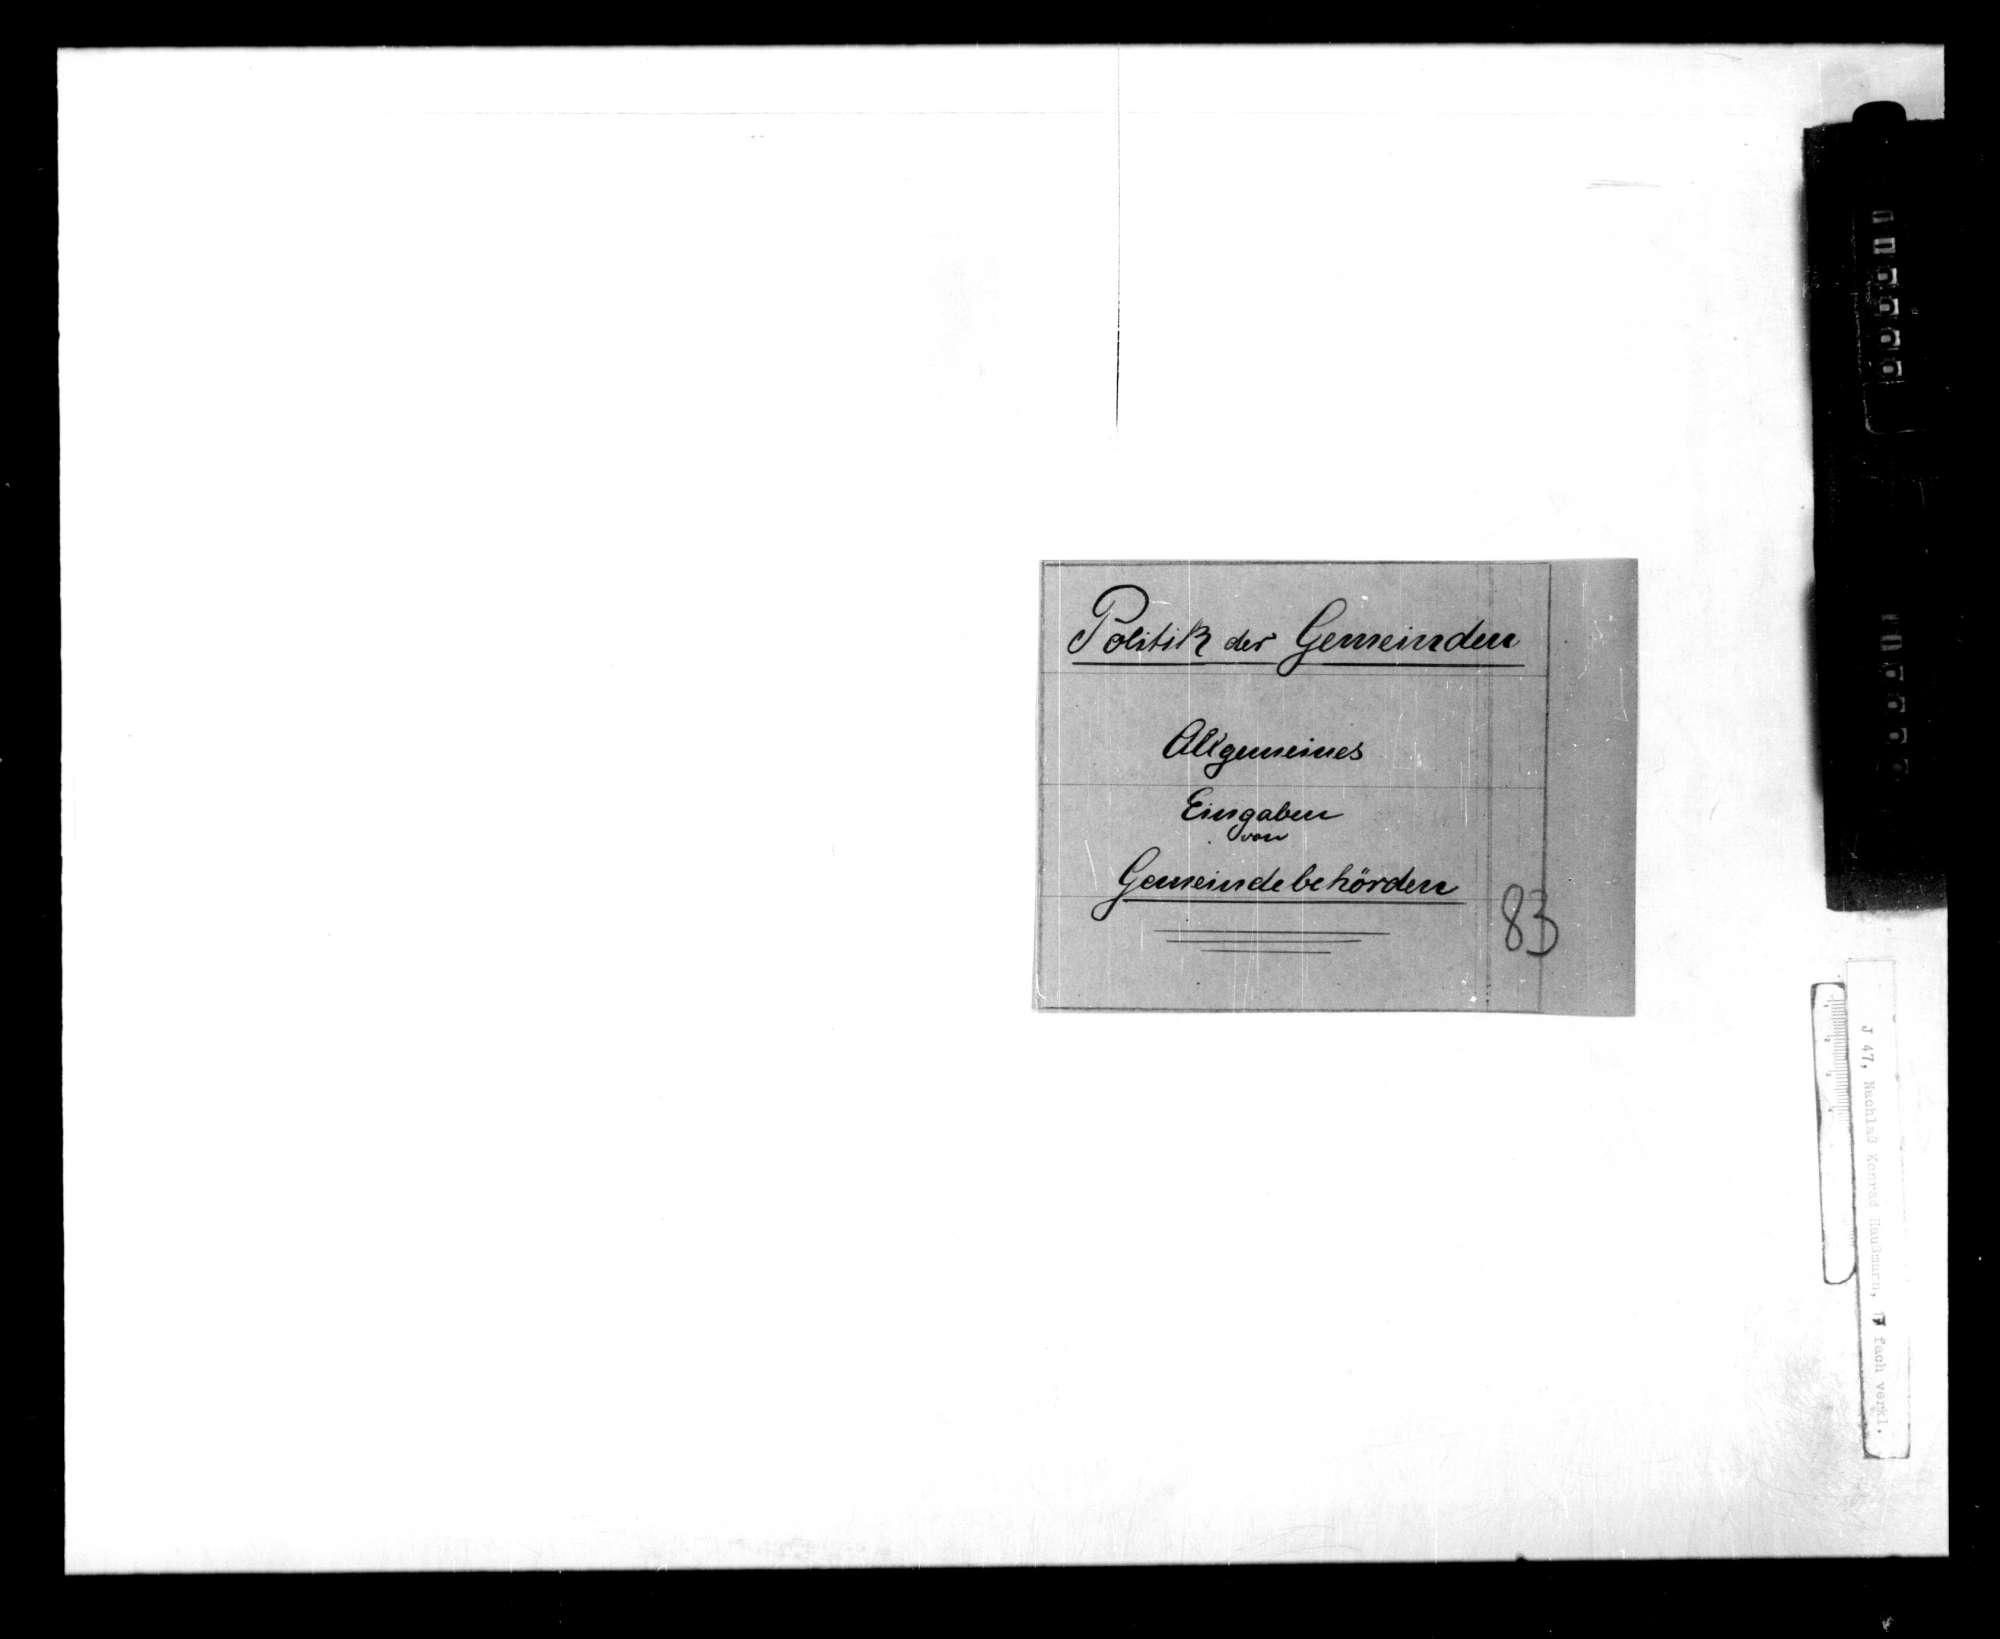 Allgemeines: Eingaben von Gemeindebehörden, Bild 1